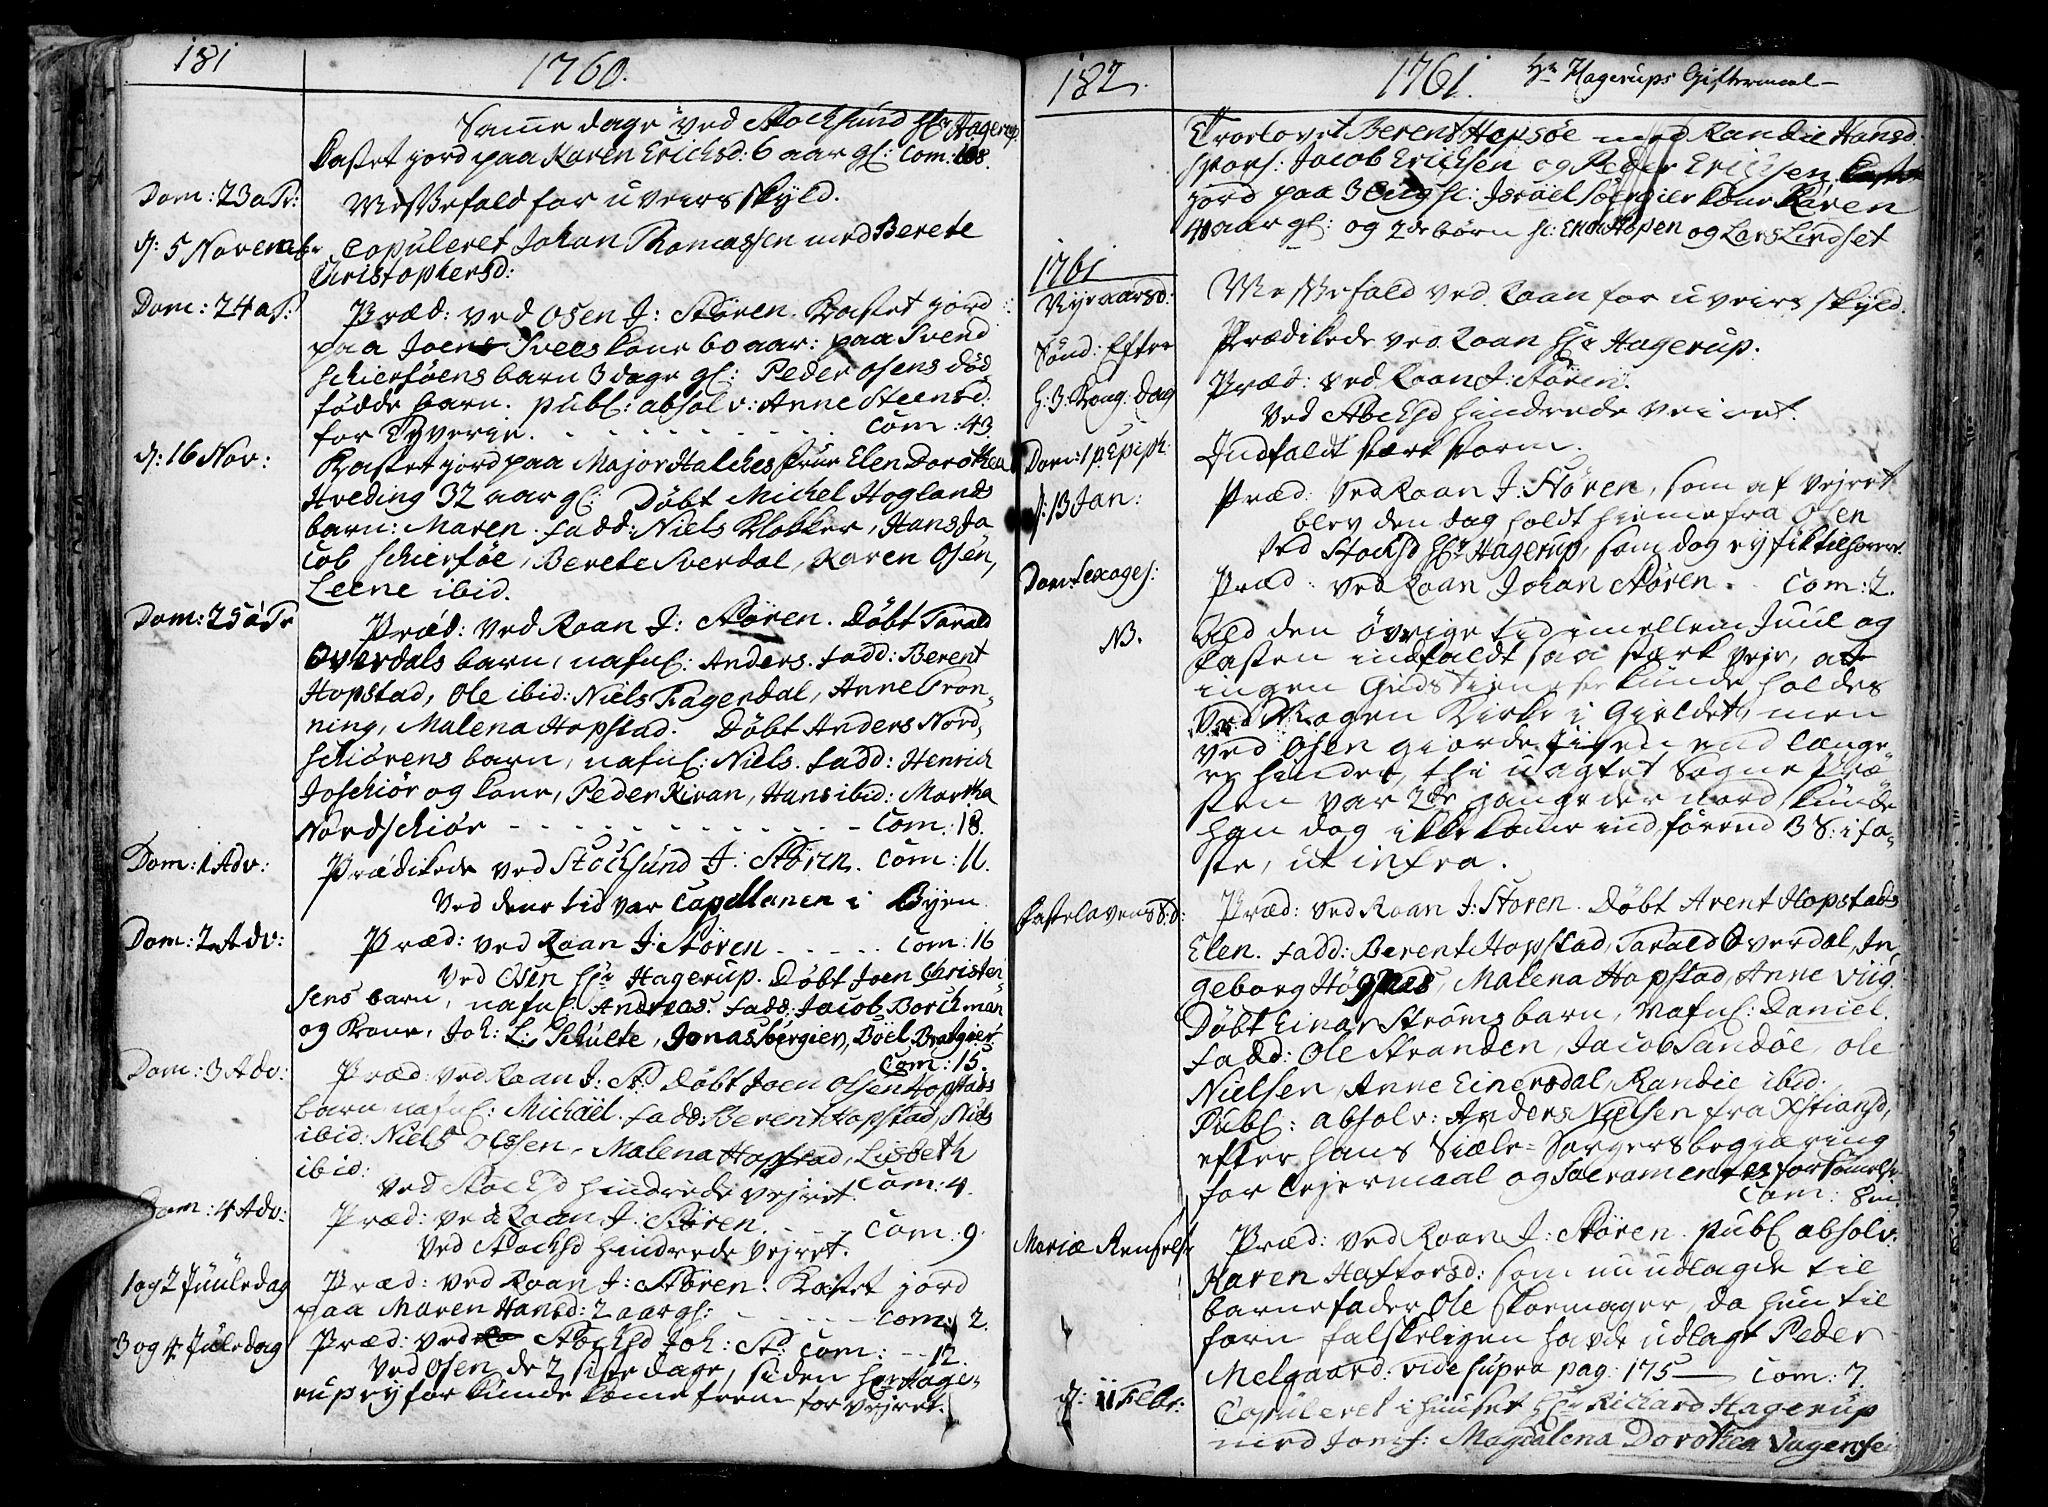 SAT, Ministerialprotokoller, klokkerbøker og fødselsregistre - Sør-Trøndelag, 657/L0700: Ministerialbok nr. 657A01, 1732-1801, s. 181-182